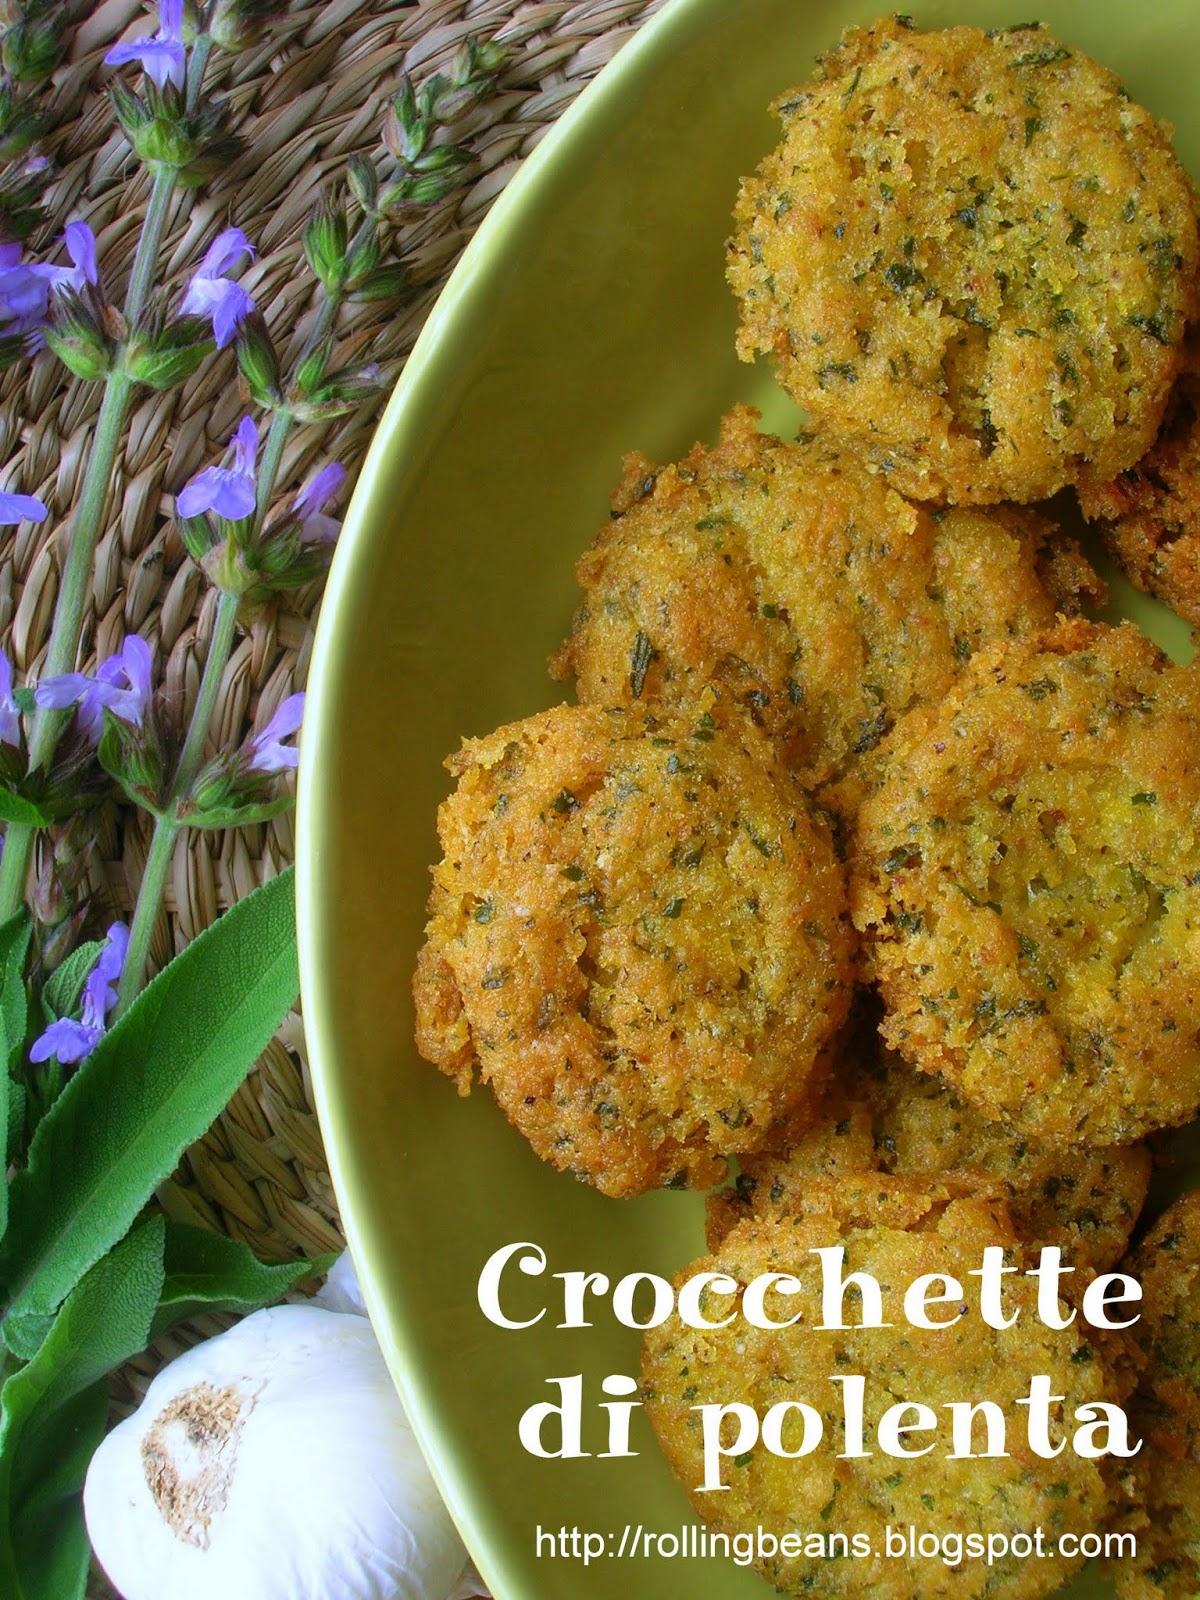 crocchette con avanzi di polenta